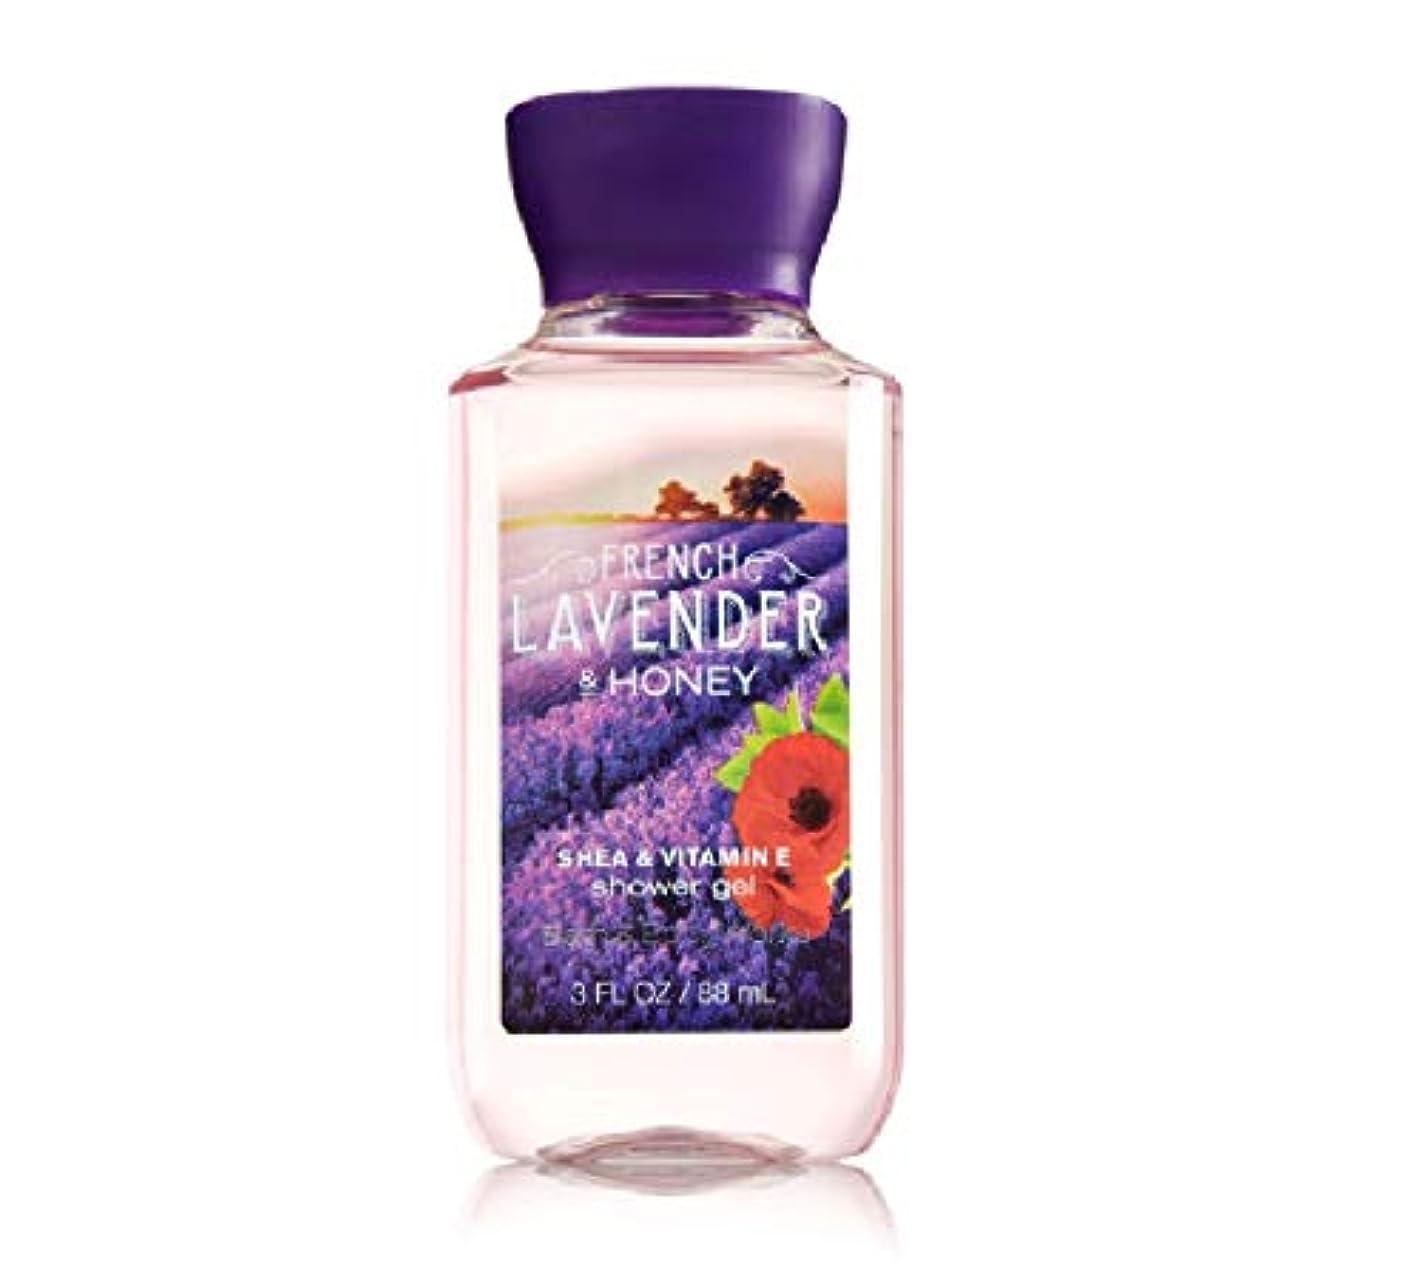 怒り医療の自分を引き上げるバス&ボディワークス フレンチラベンダー&ハニー ボディソープ French Lavender & honey トラベルサイズ [並行輸入品]